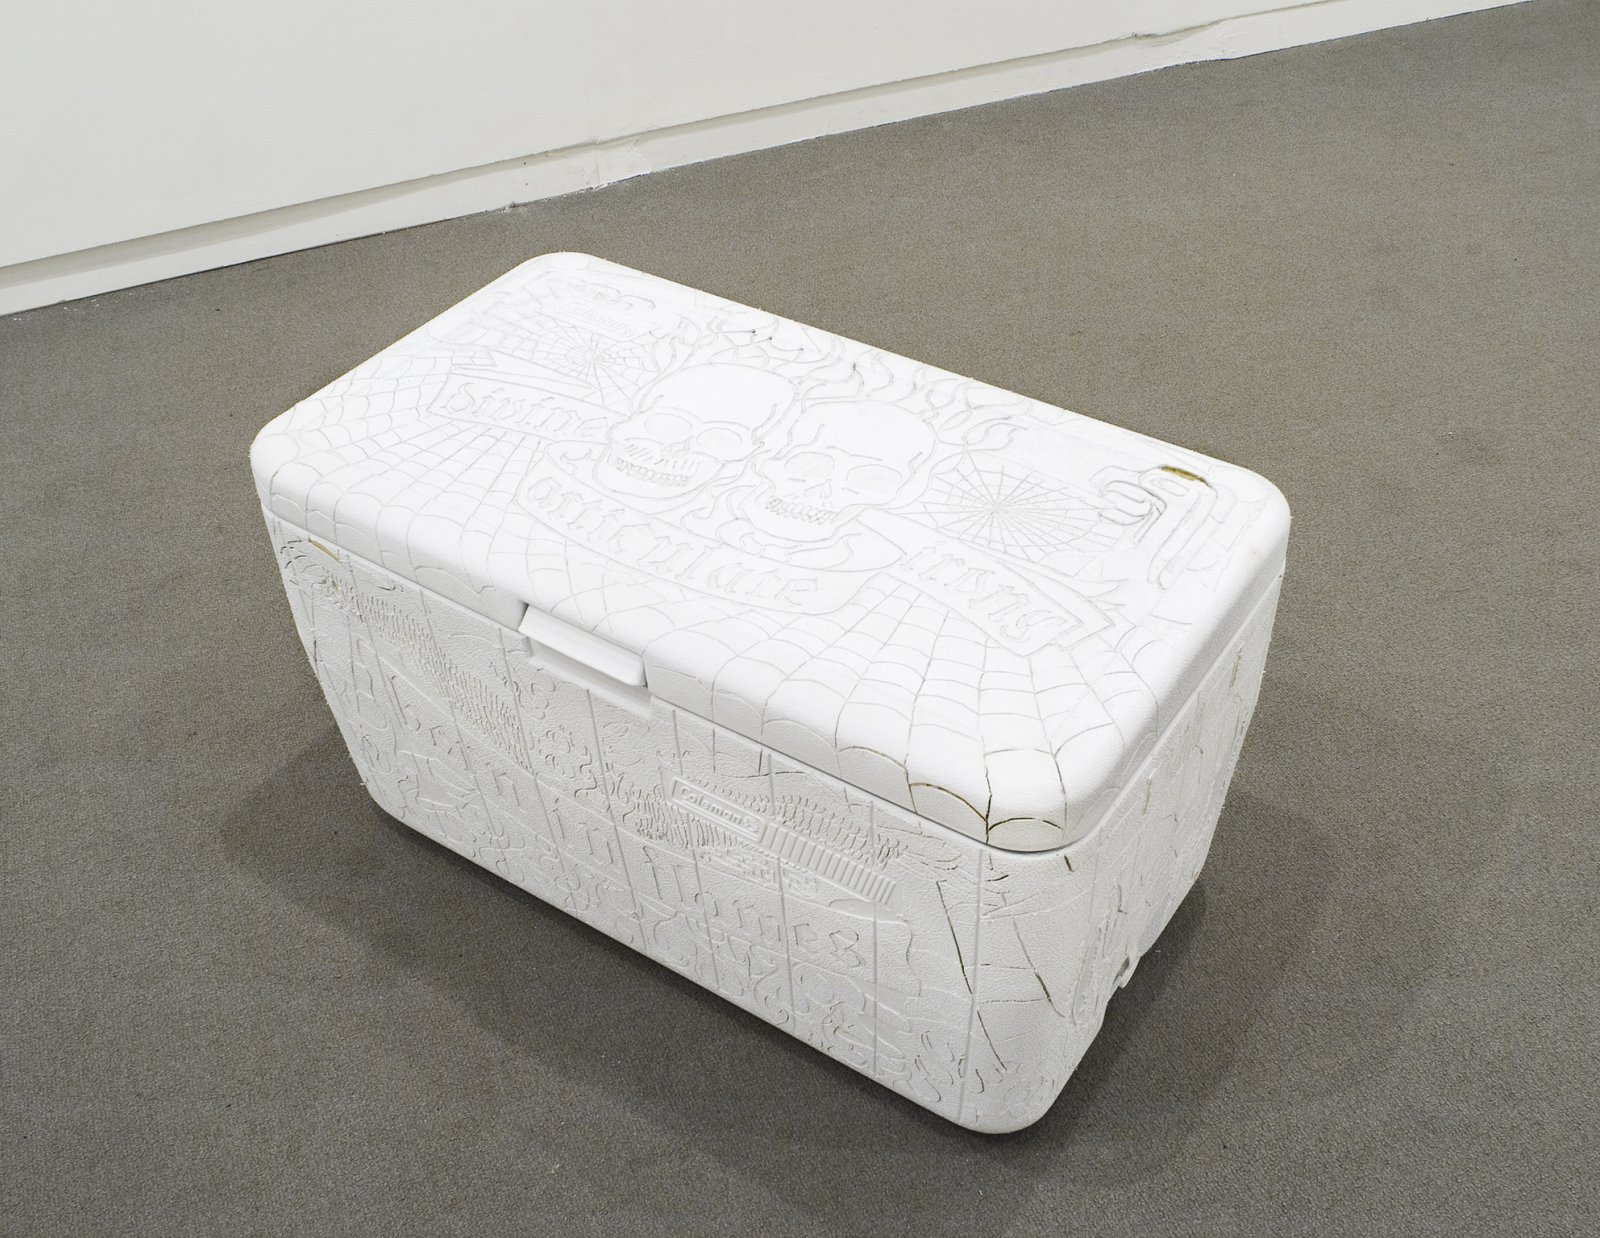 Brian Jungen,Beer Cooler, 2002, cooler, beer cans, 16 x 28 x 16 in. (41 x 71 x 41 cm)